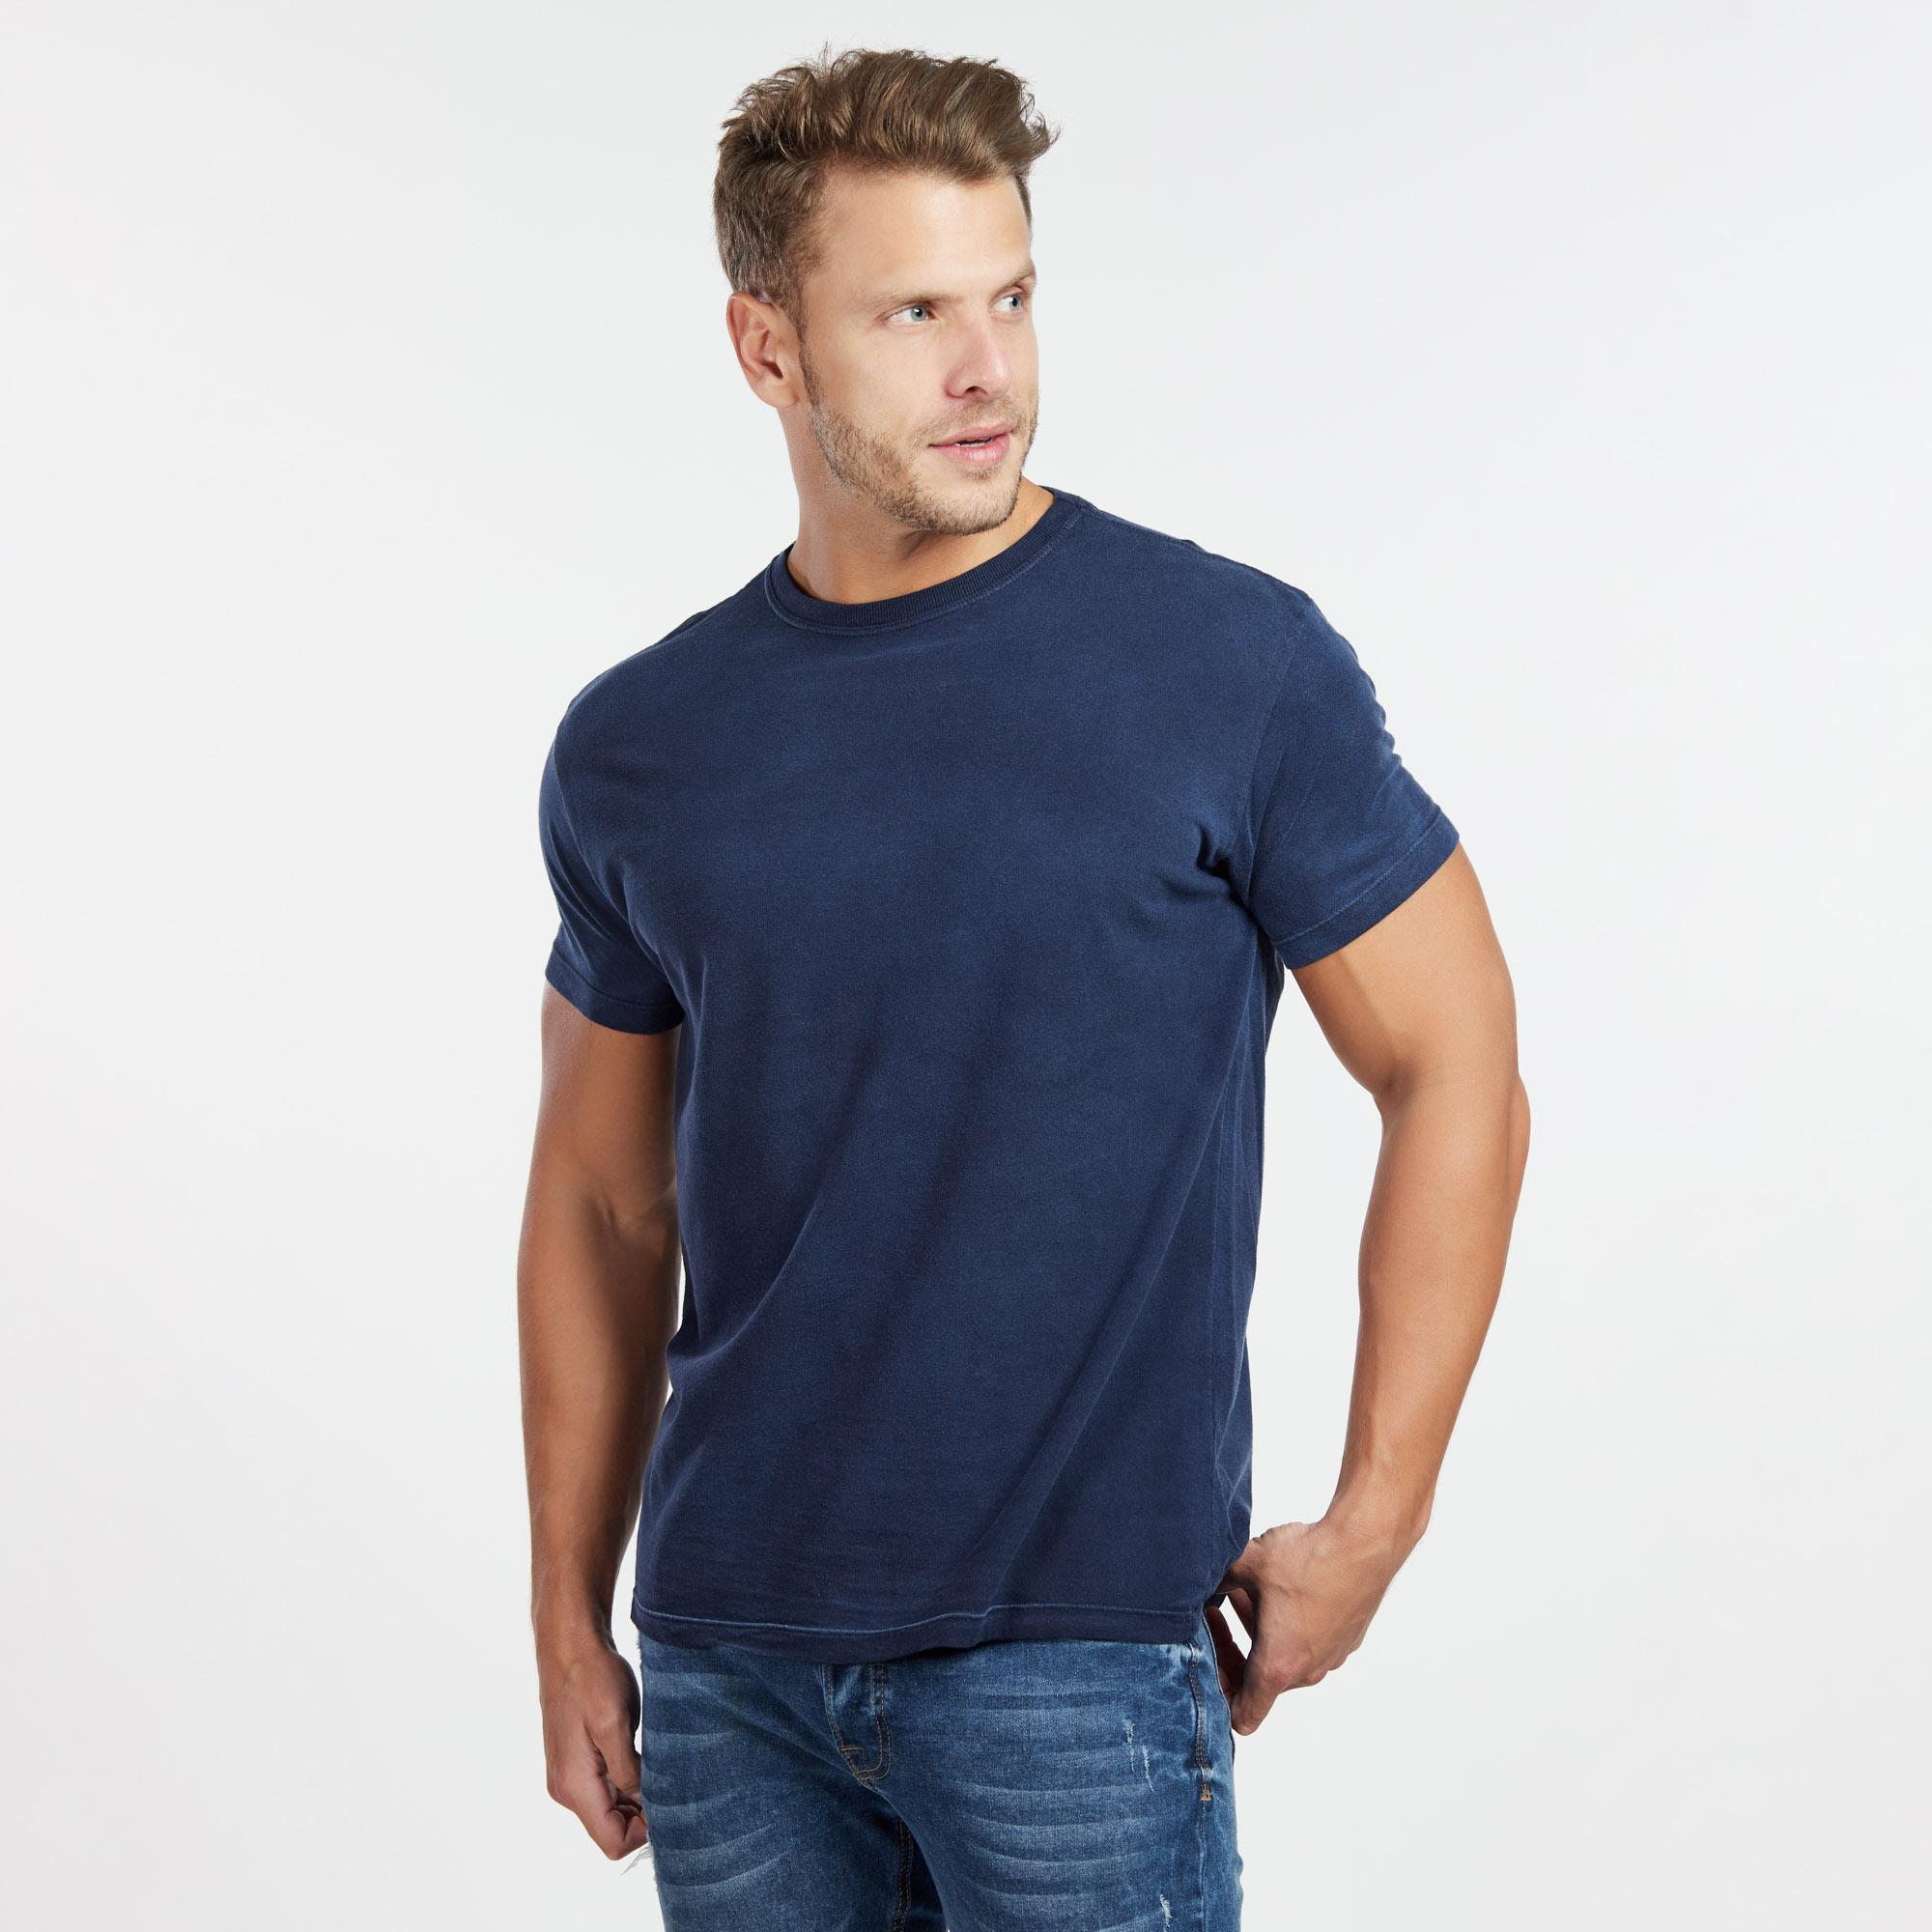 Camiseta Masculina Used Total Marinho